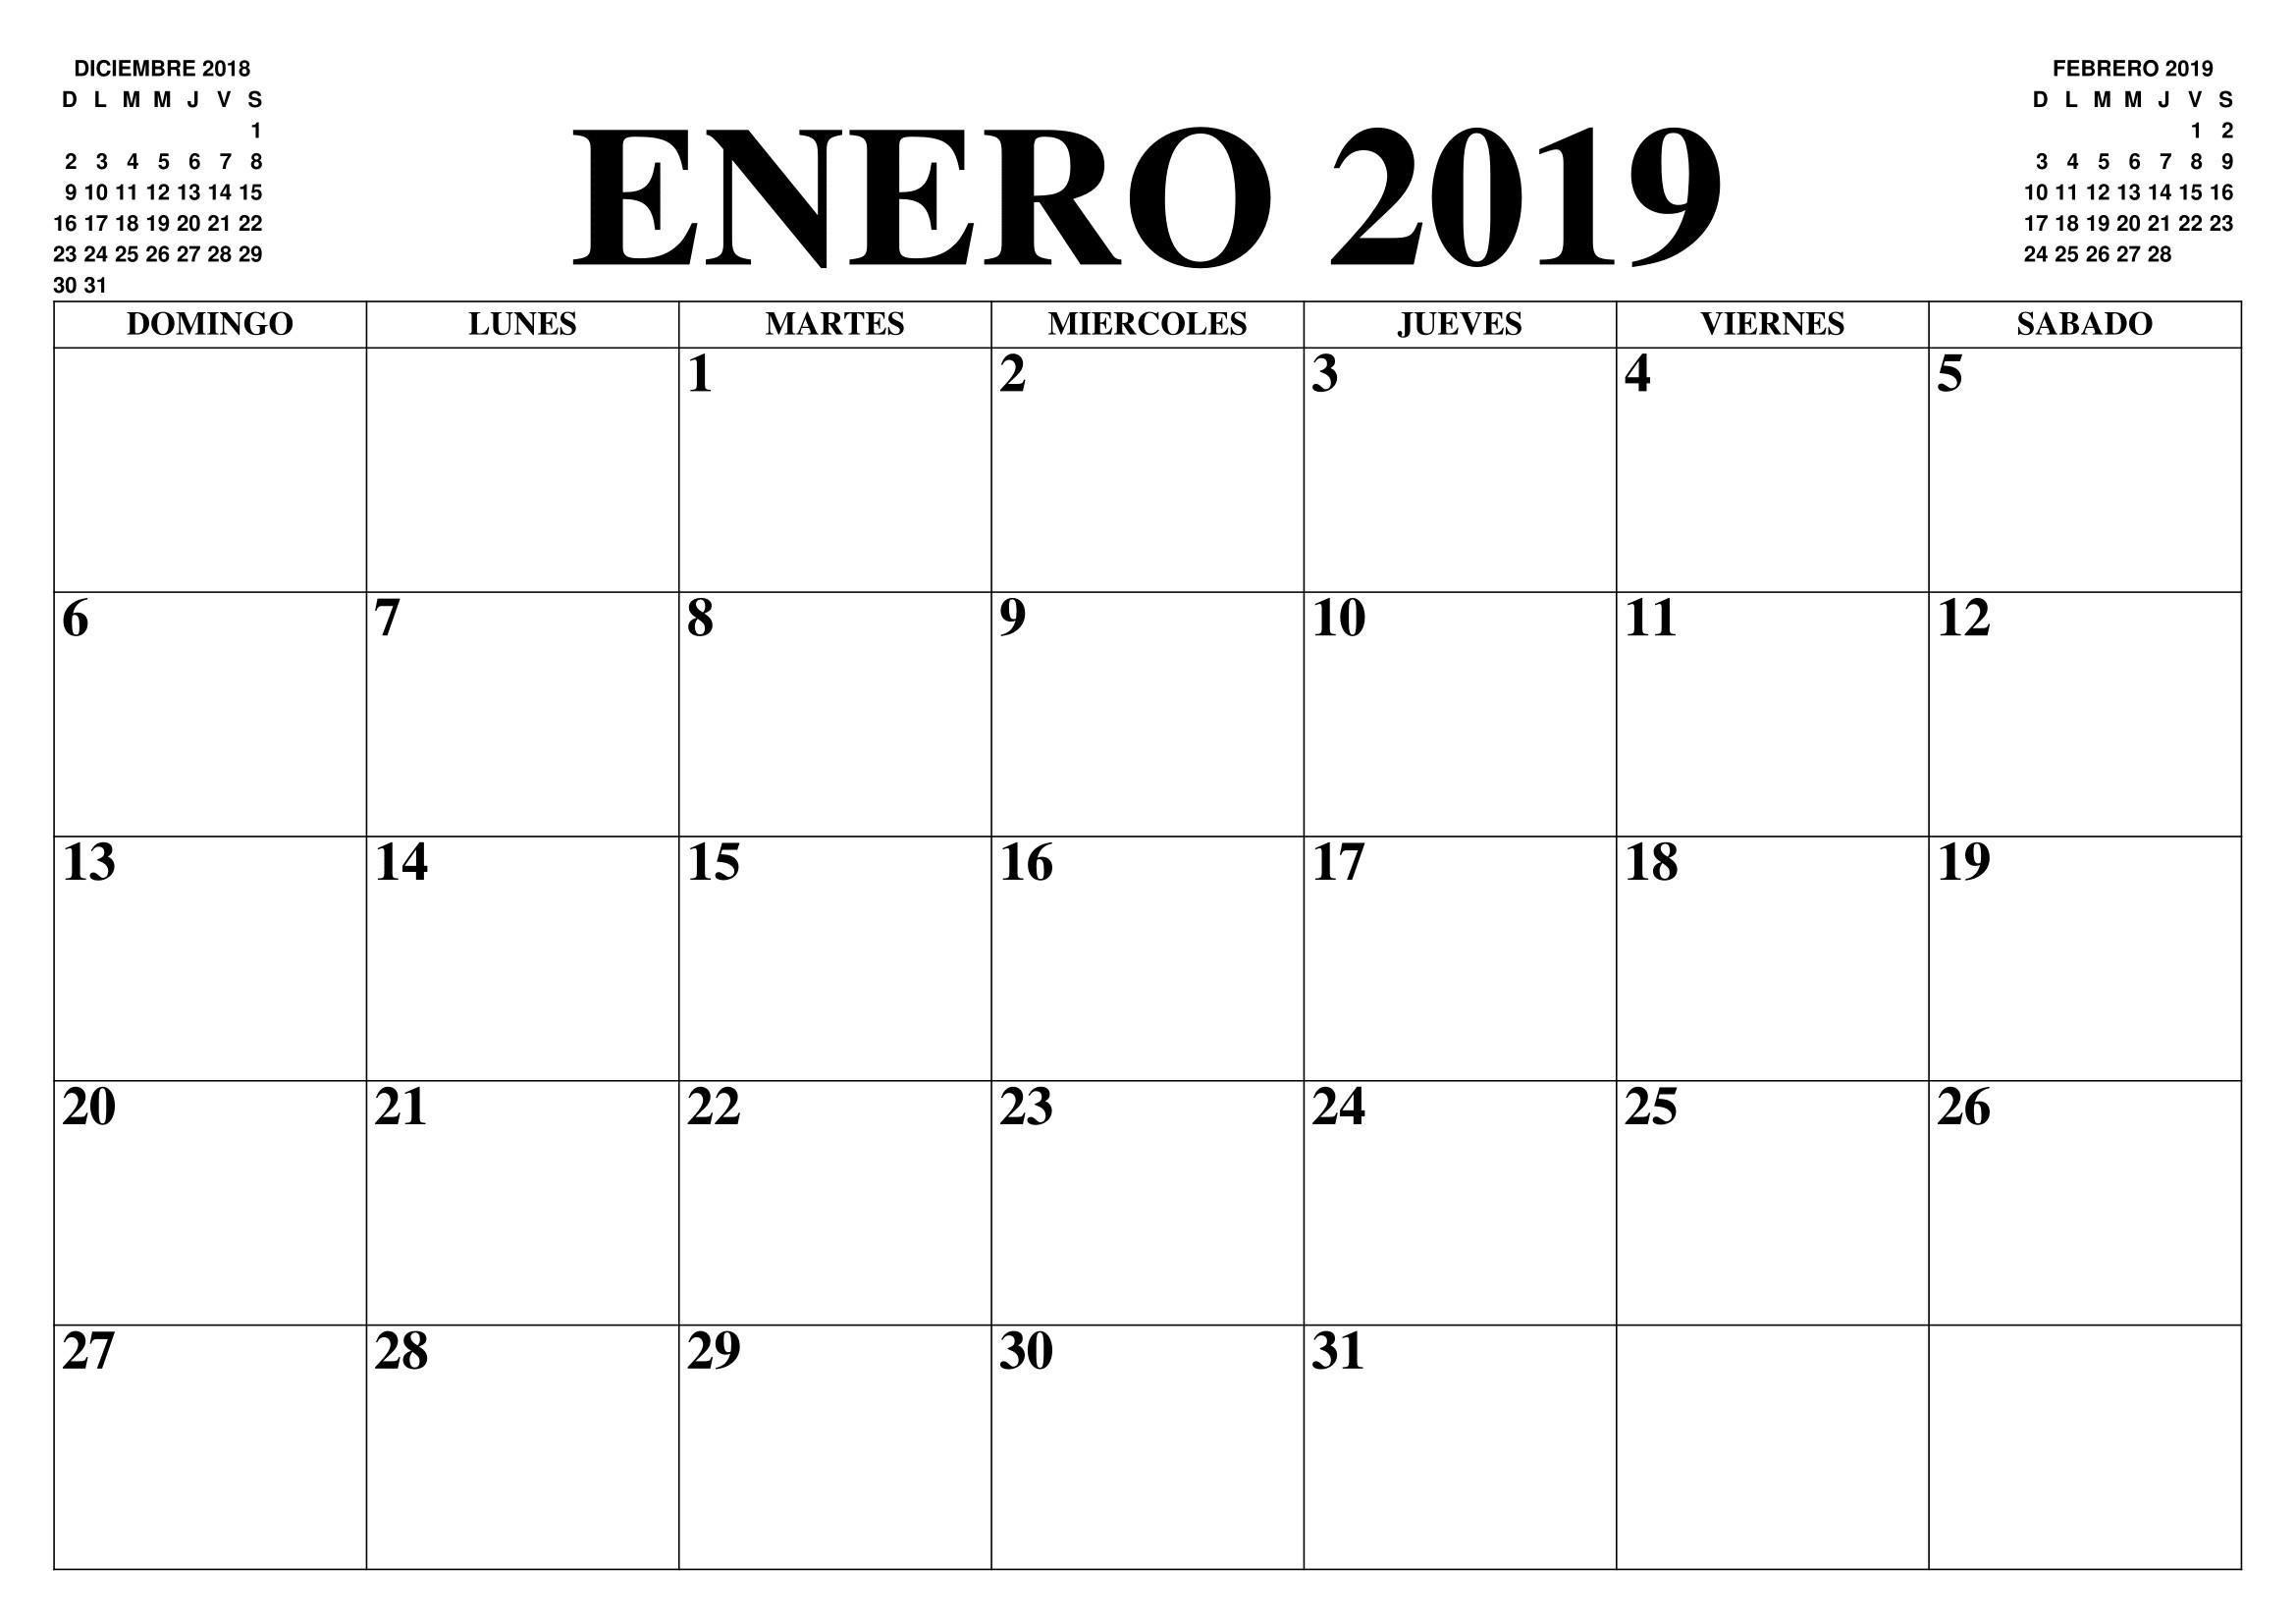 Calendario 2019 Argentina Para Imprimir Pdf Más Recientemente Liberado Calendario 2019 Para Imprimir Por Mes Of Calendario 2019 Argentina Para Imprimir Pdf Más Reciente Es Calendario Para Imprimir 2017 Y 2019